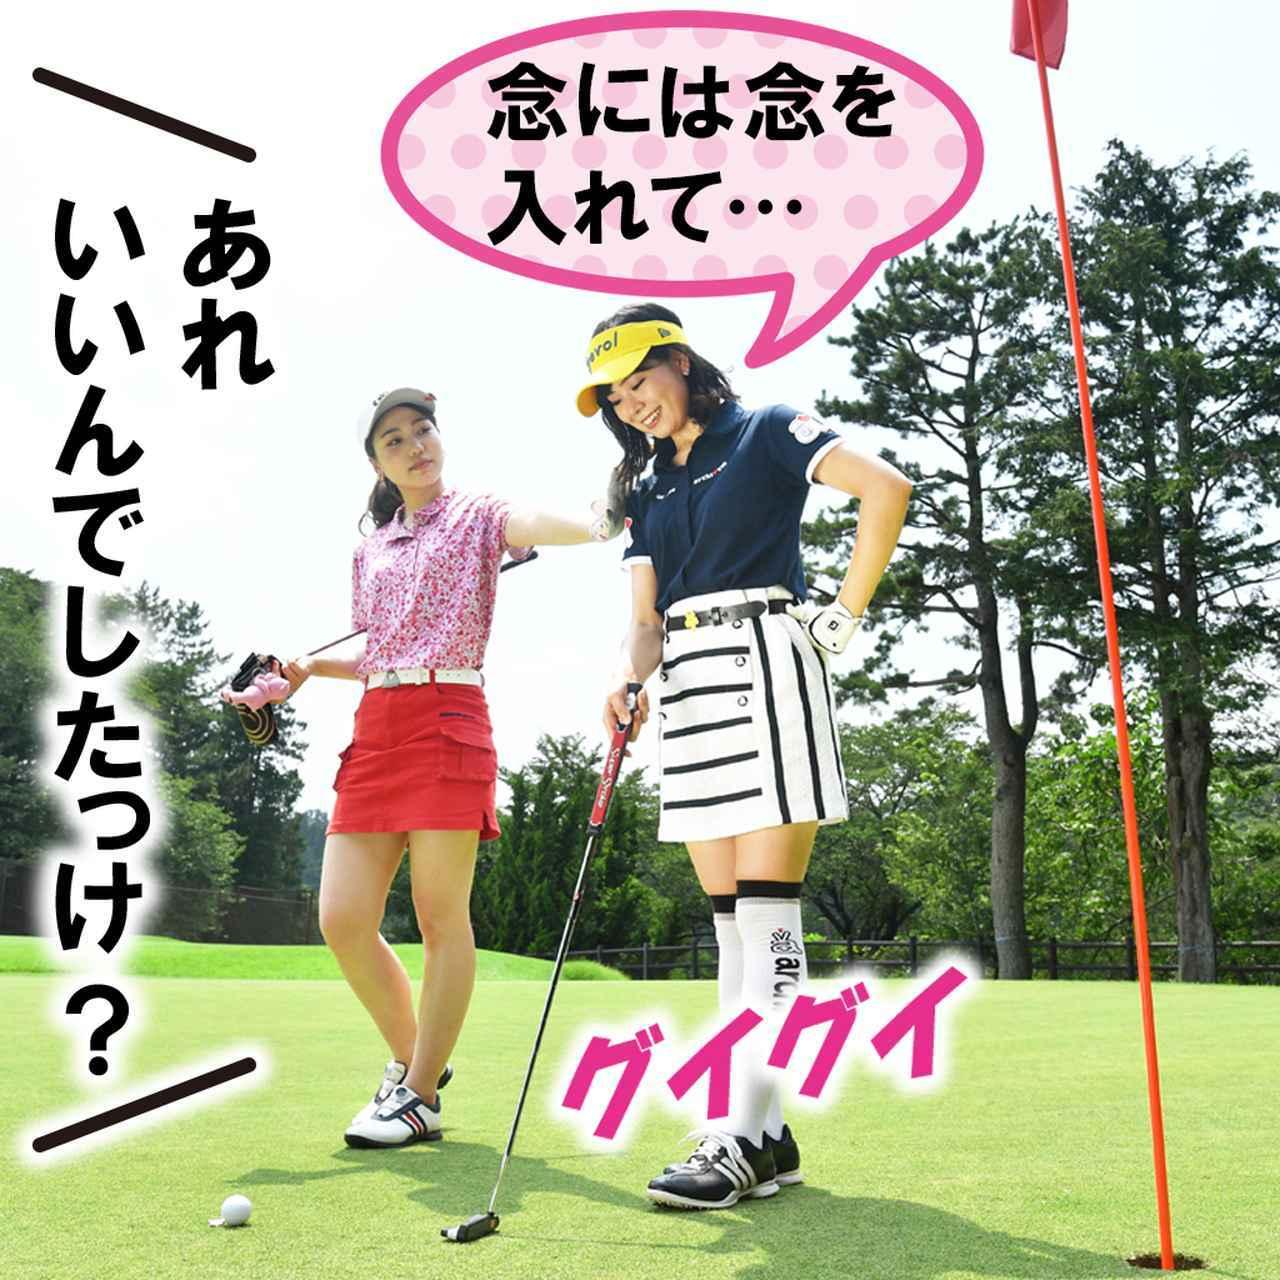 画像: ゴルル会員番号44 水谷花那子、ゴルル会員番号47 満石奈々葉